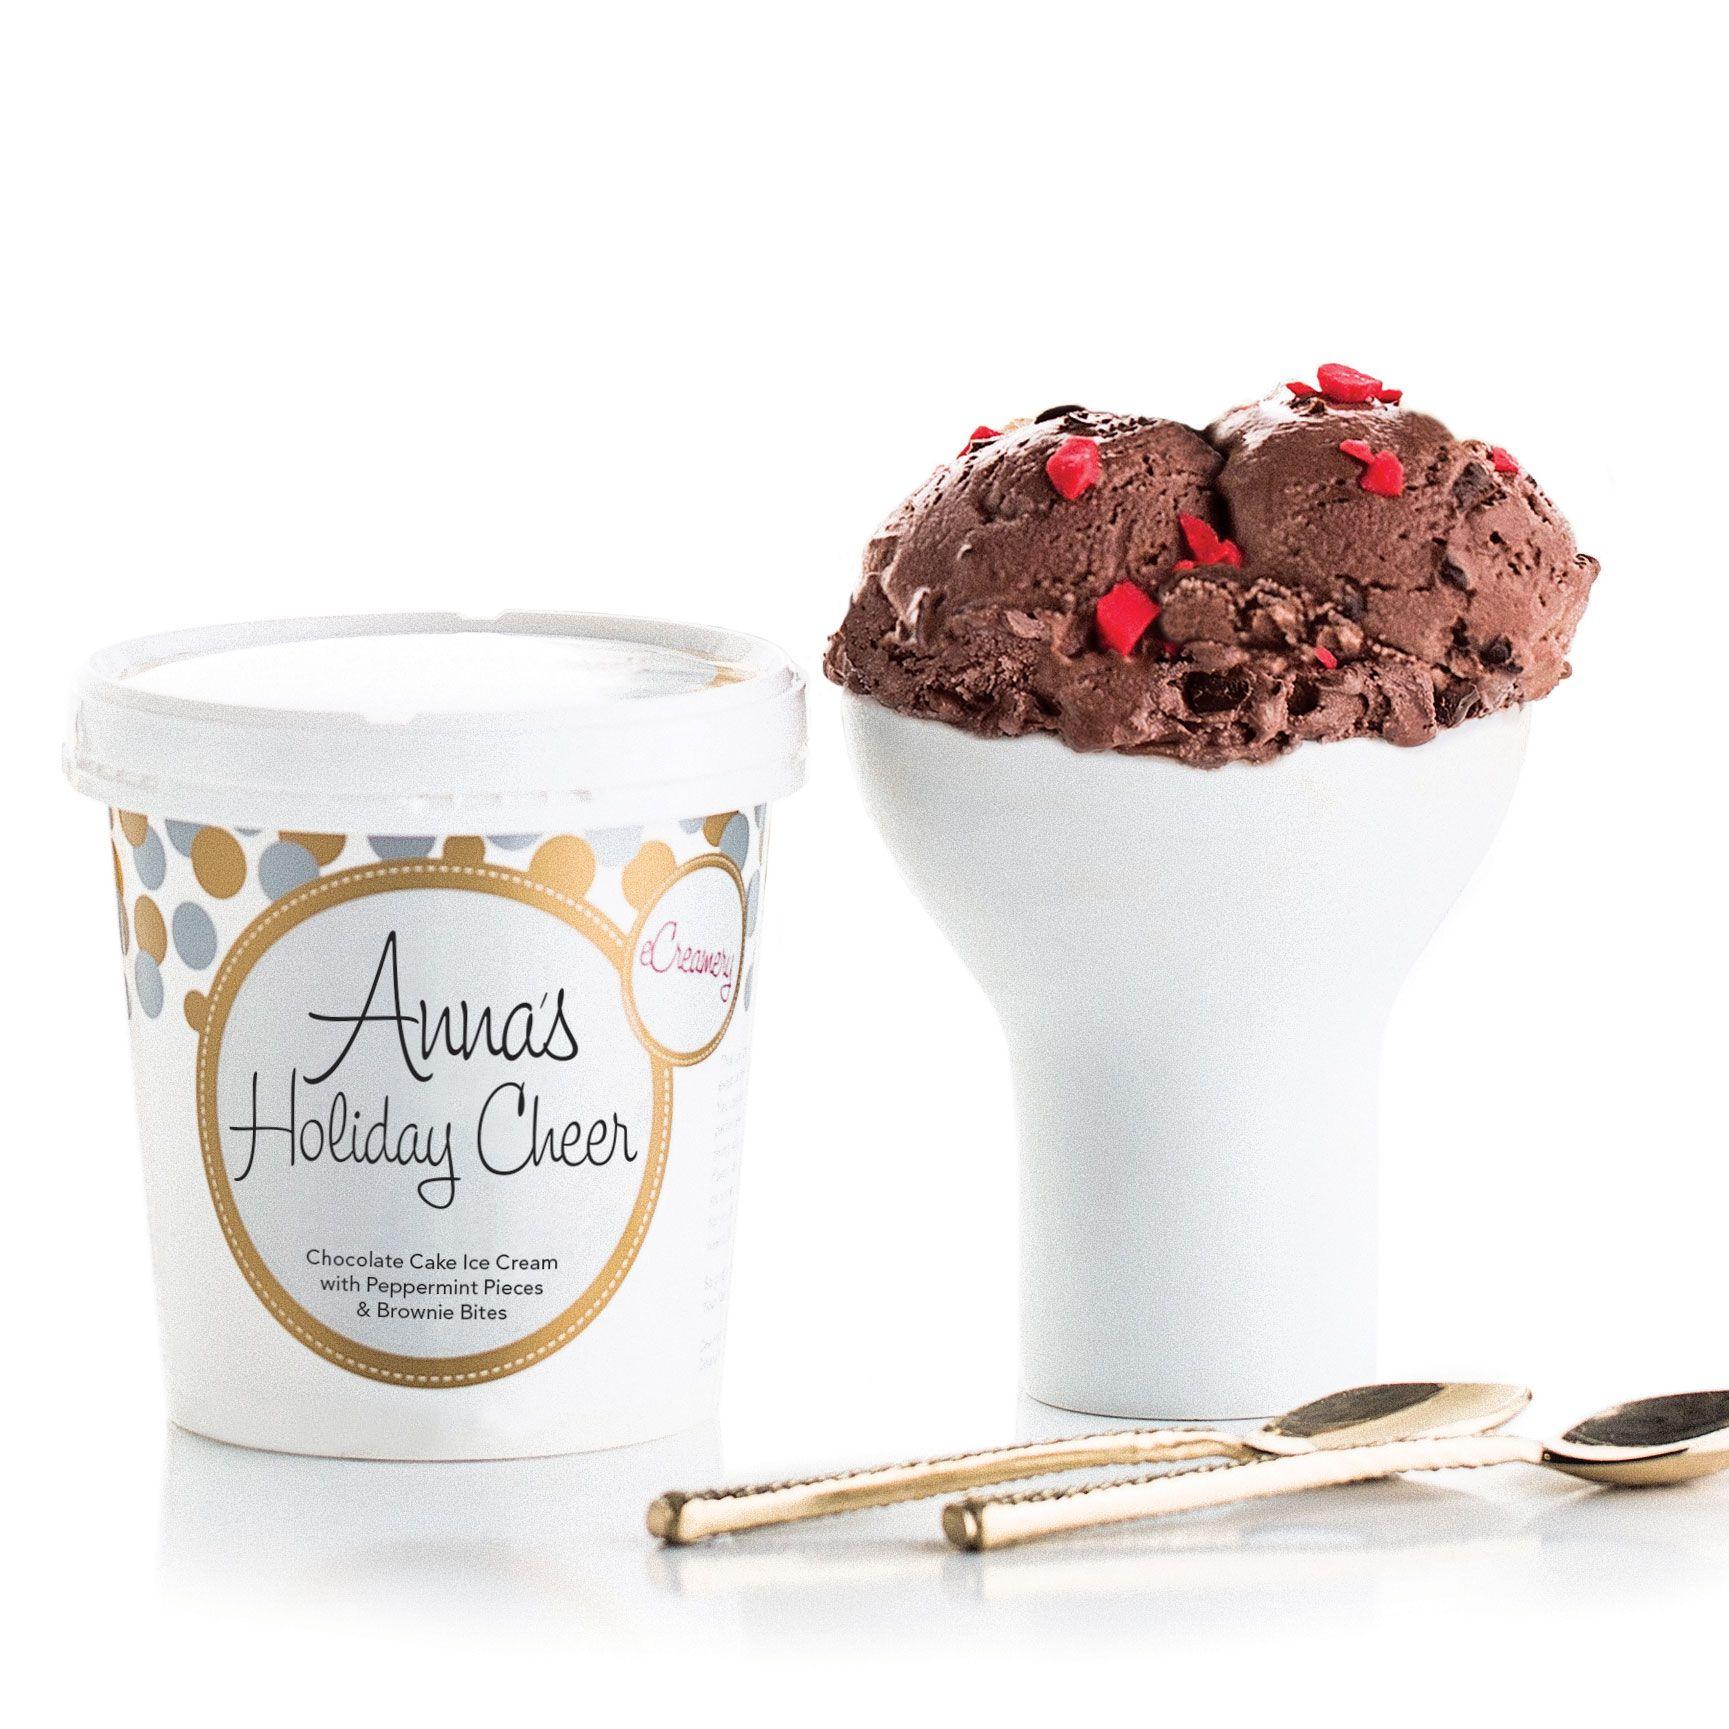 Completely Custom Ice Cream Flavors